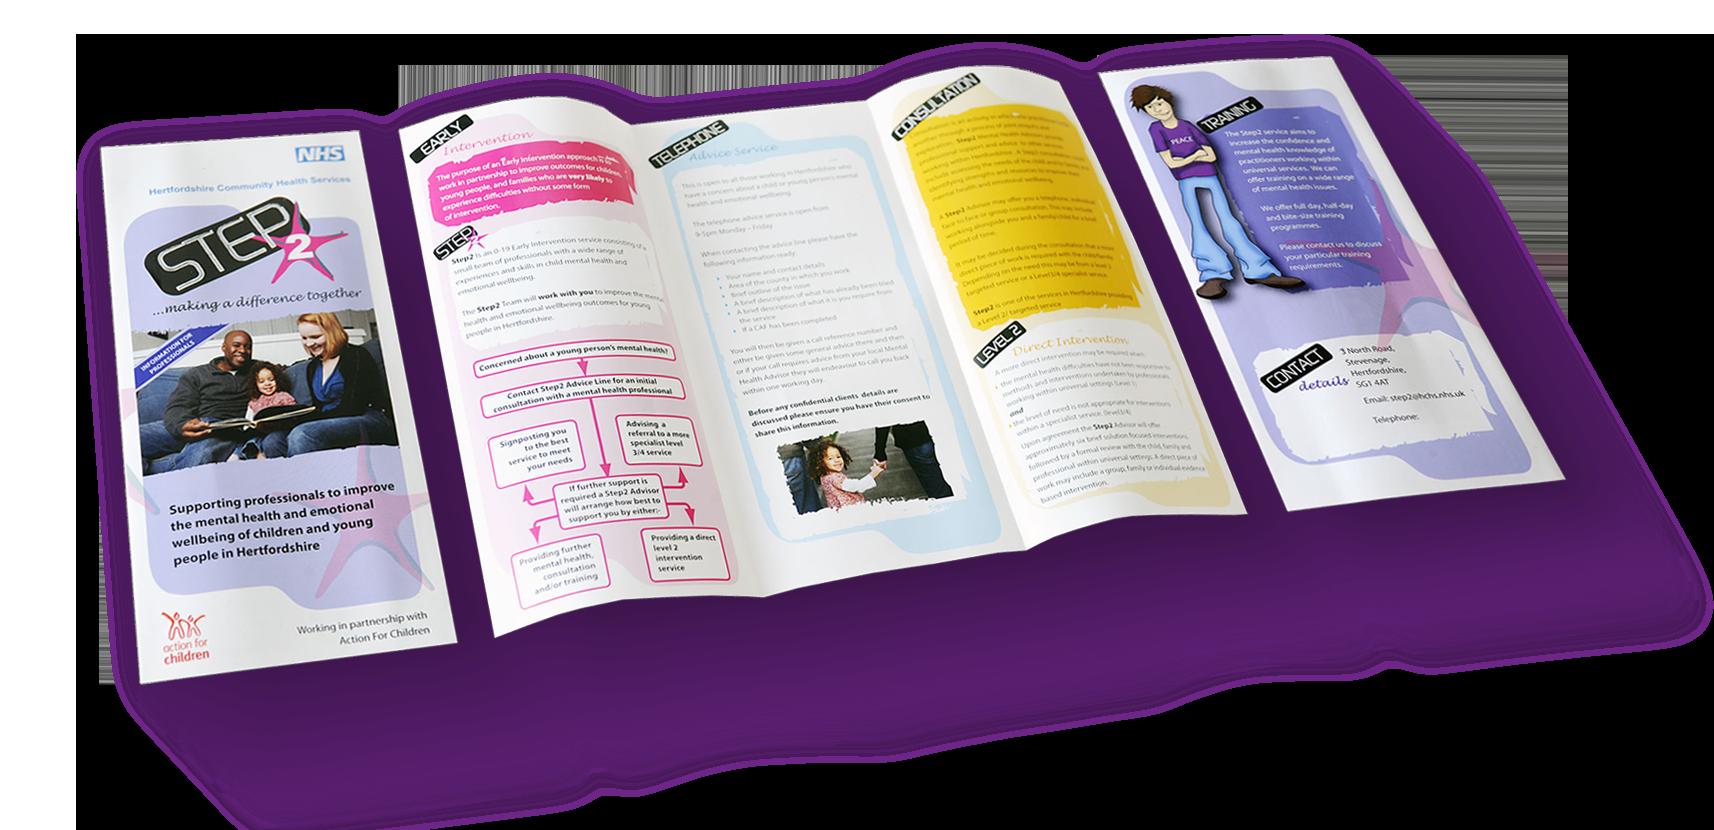 step2 leaflet